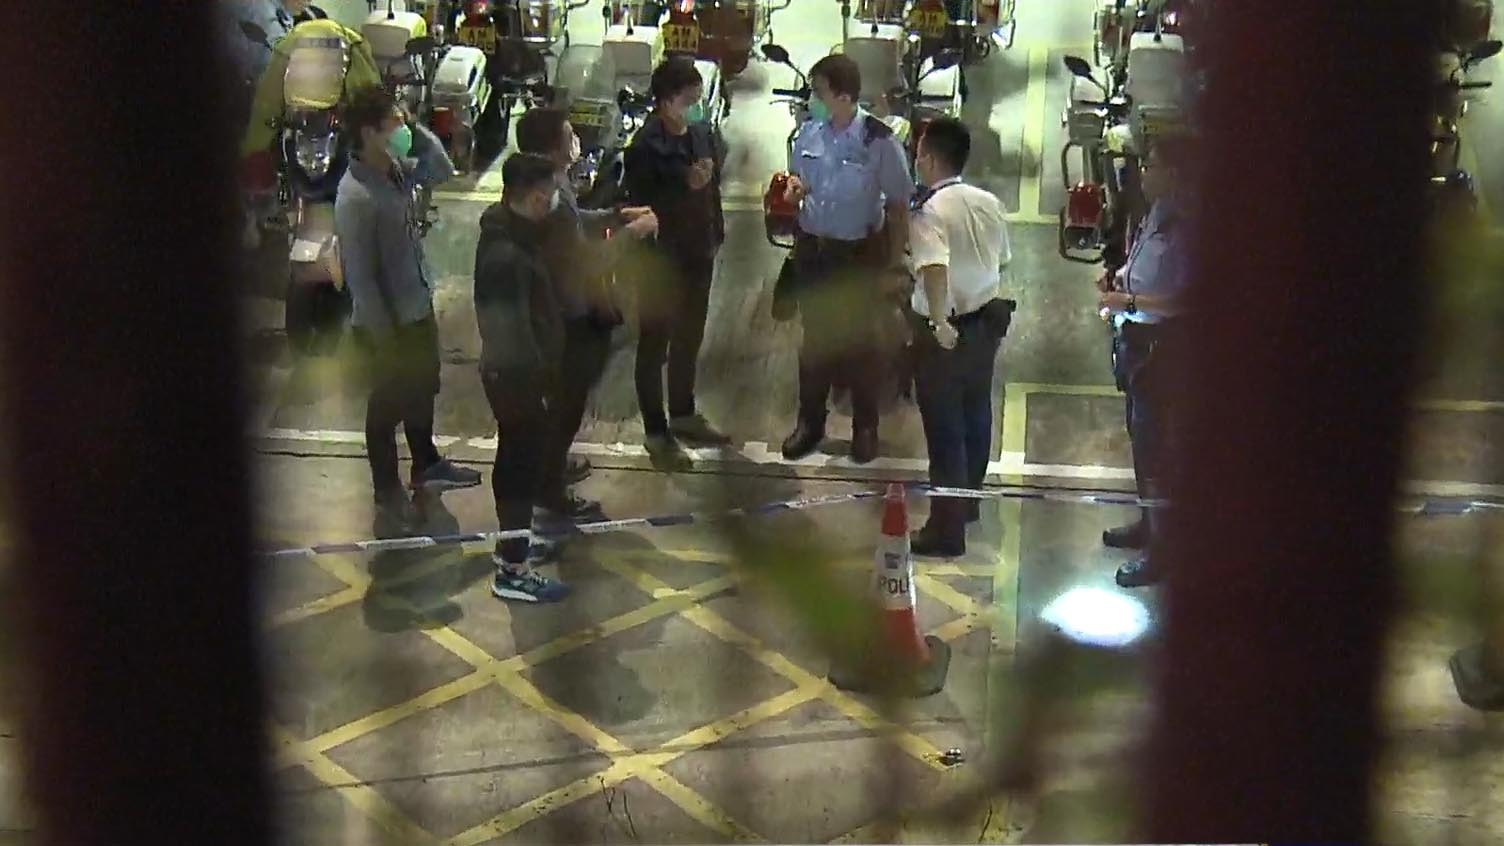 跑馬地警署遭投擲汽油彈縱火 無人傷